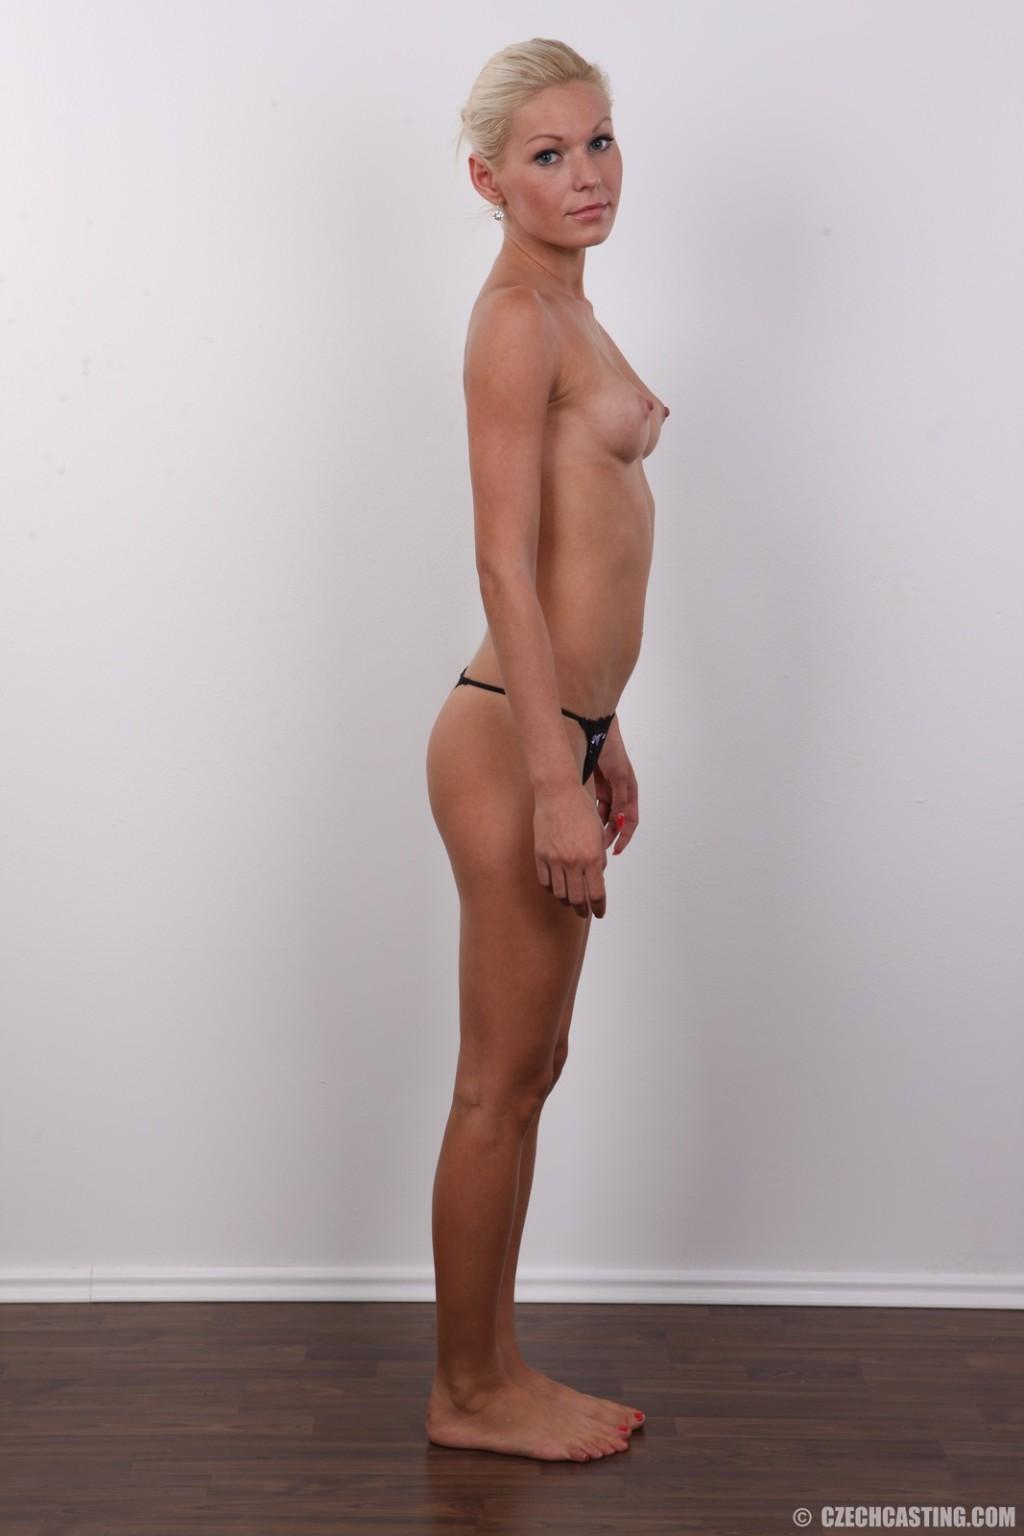 Кастинг - Порно галерея № 3523611